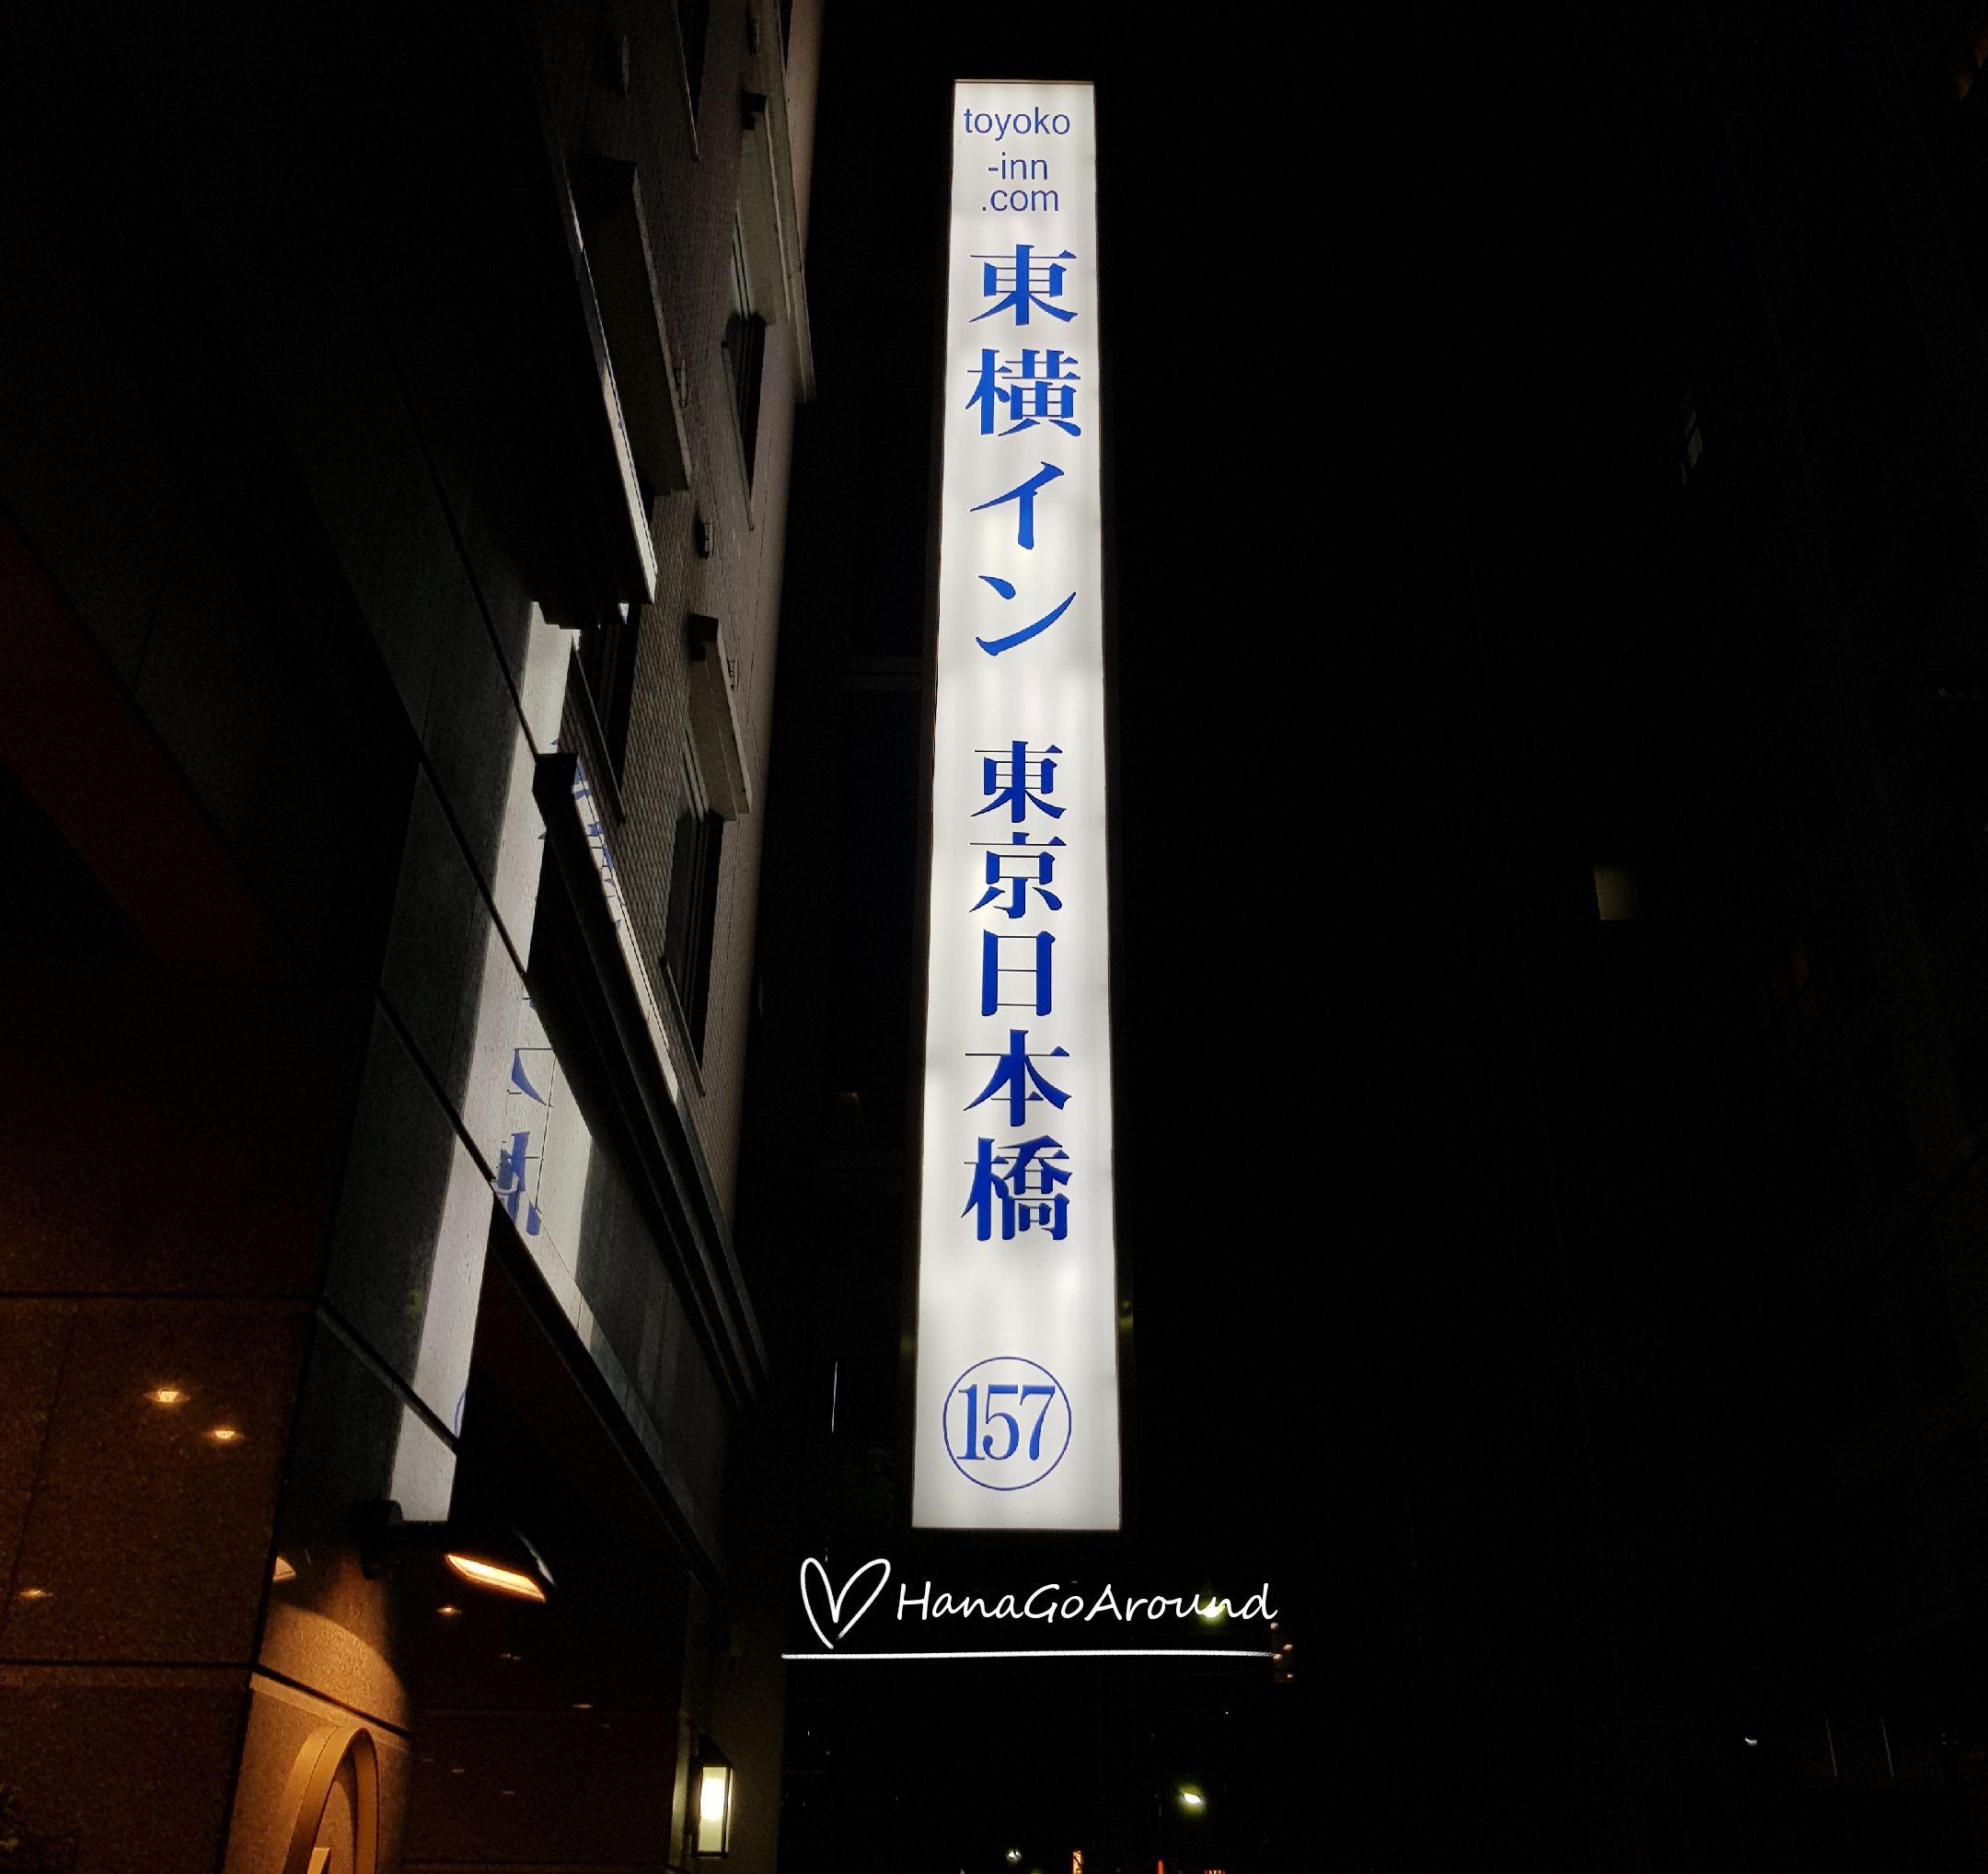 ป้ายโรงแรม Toyoko Inn Tokyo Nihombashi Hotel ในโตเกียว